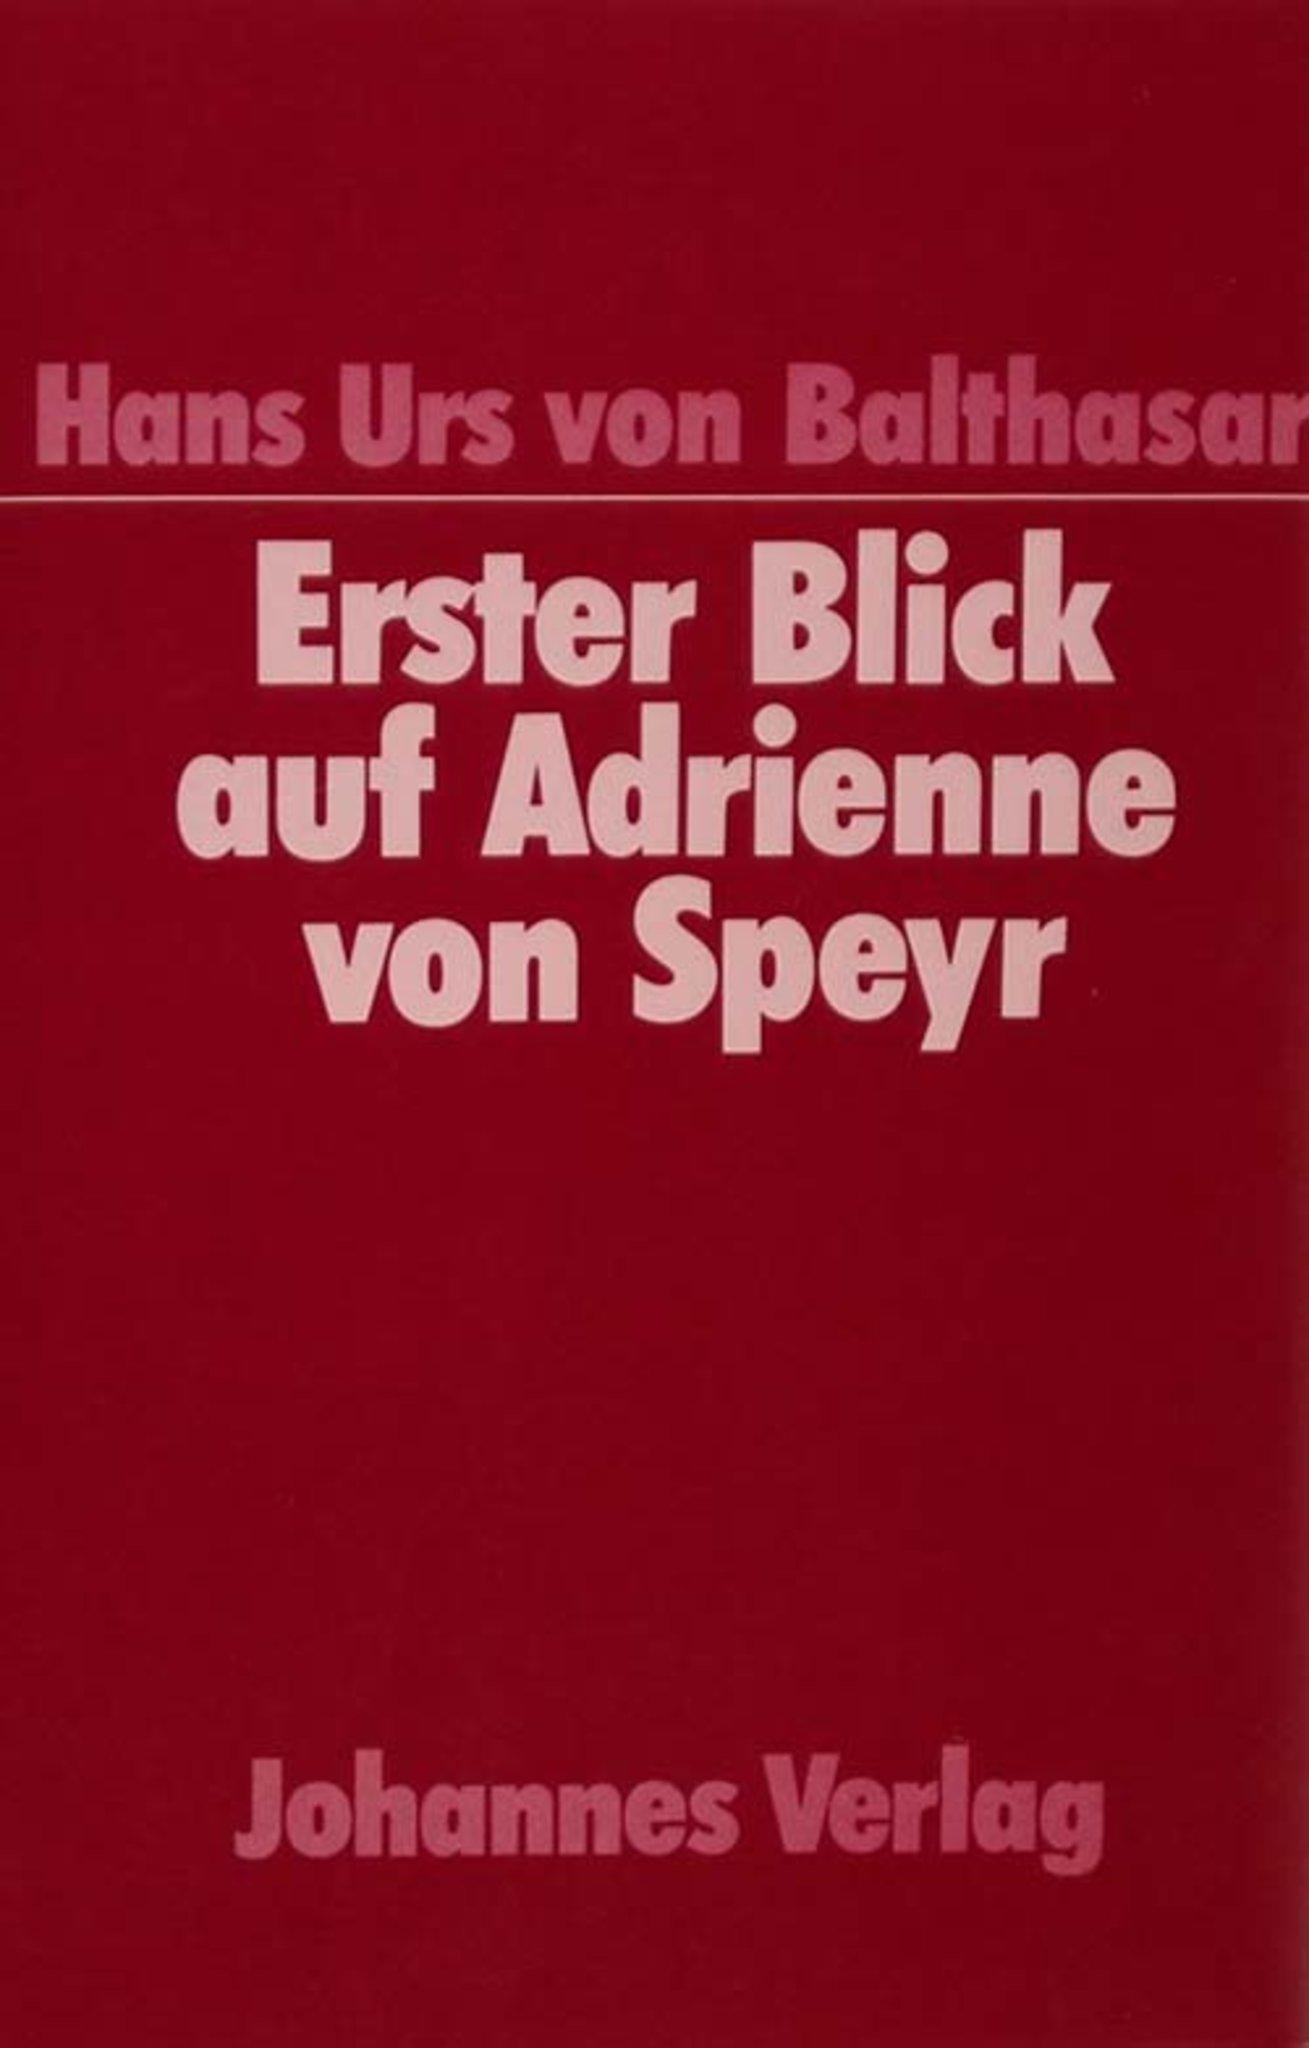 Erster Blick auf Adrienne von Speyr